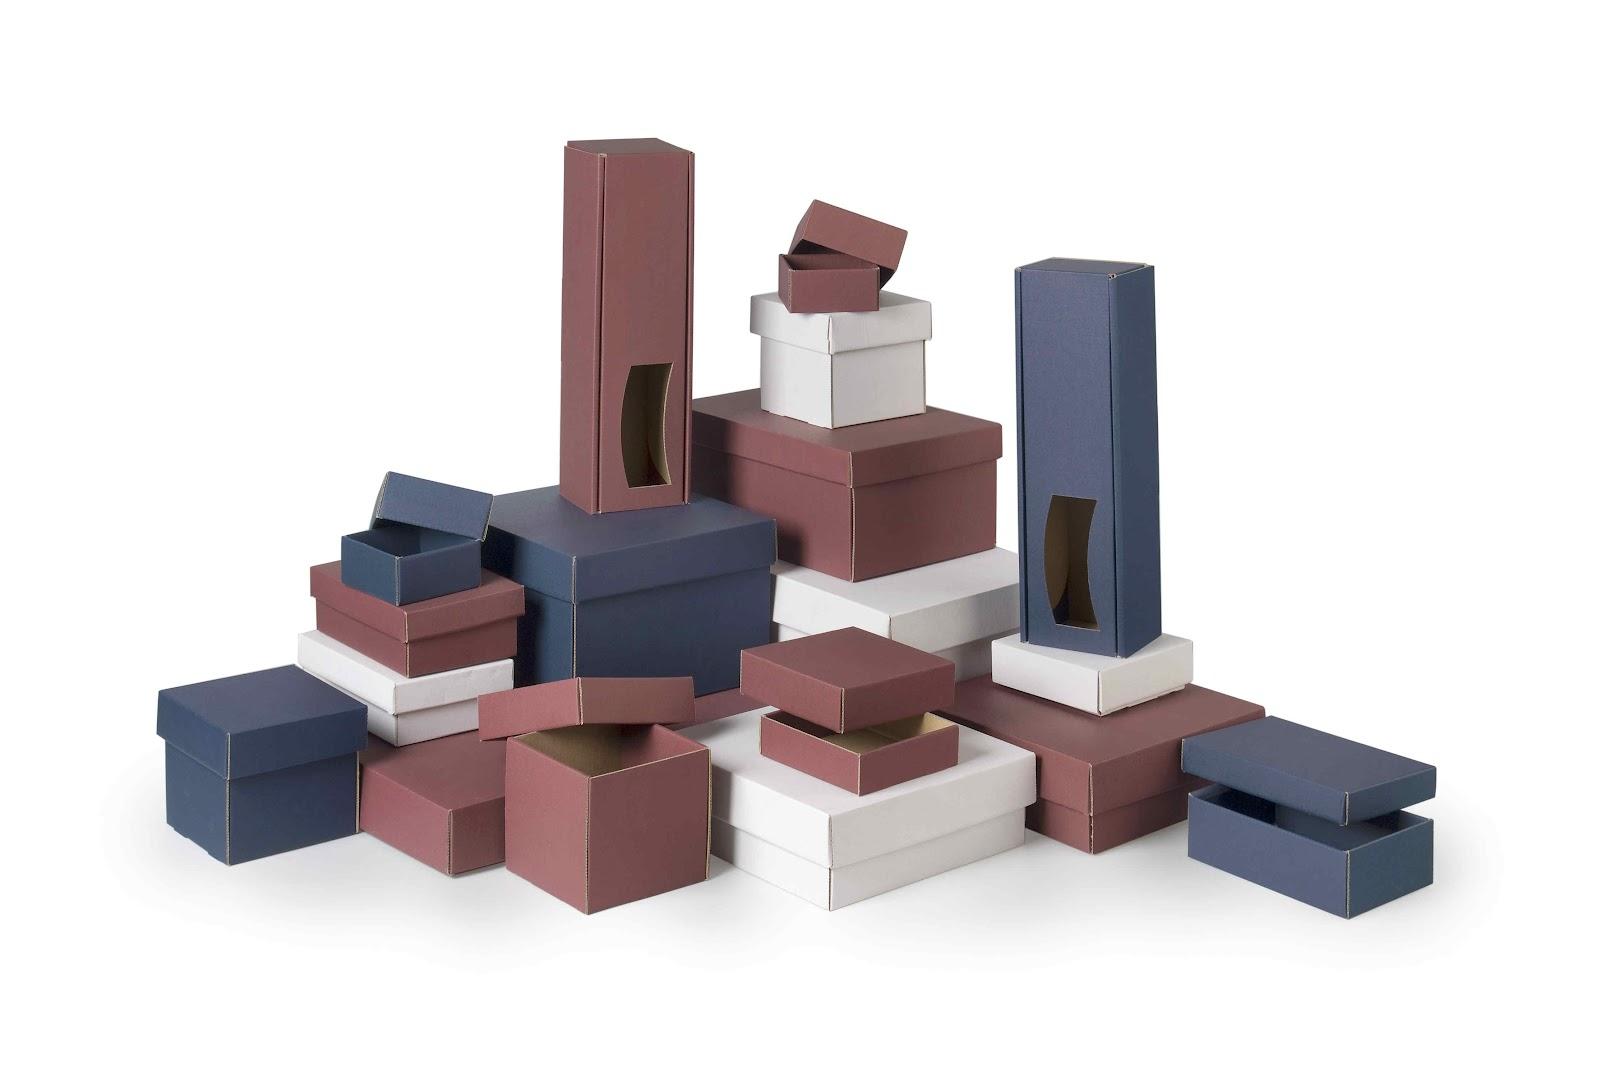 d93d3d9bf ... které jsou ovšem ve velké míře příliš drahé. Je to dáno jejich způsobem  provedení a také barevným potiskem, či látkovým potahem. Tyto krabičky jsou  ...